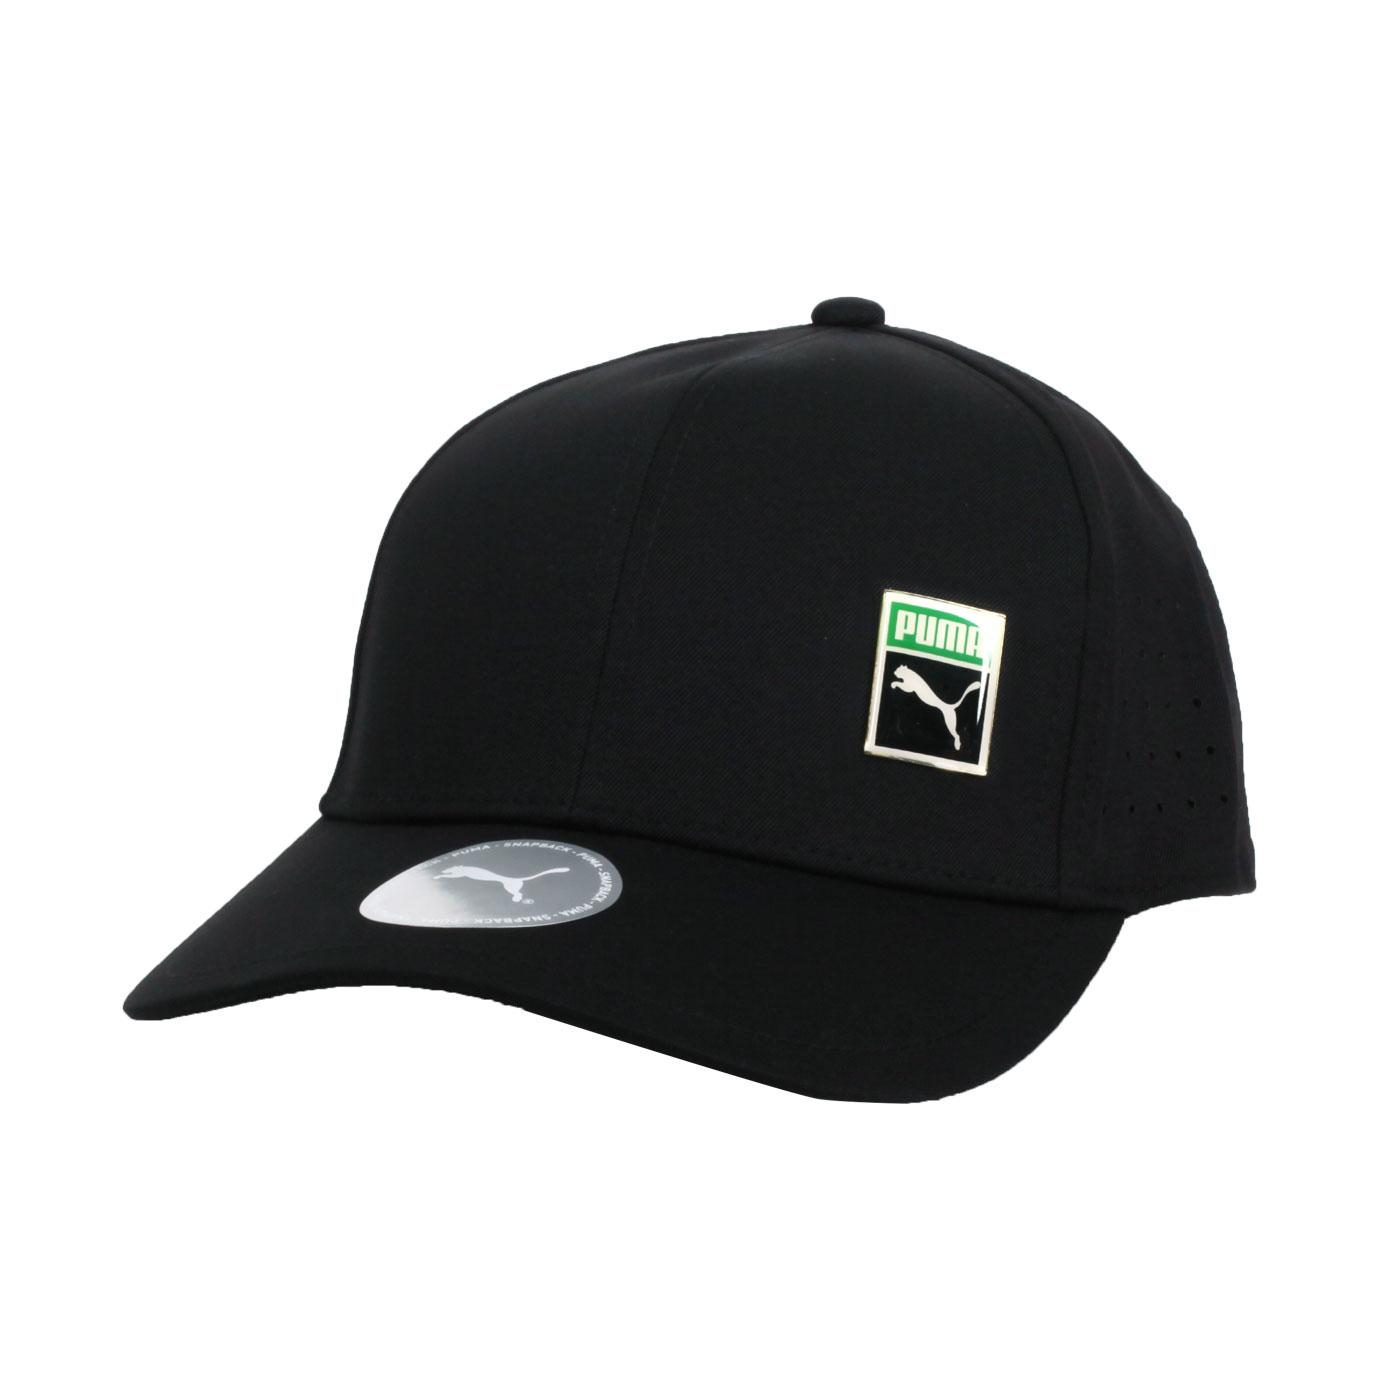 PUMA 流行系列棒球帽 02352901 - 黑白綠